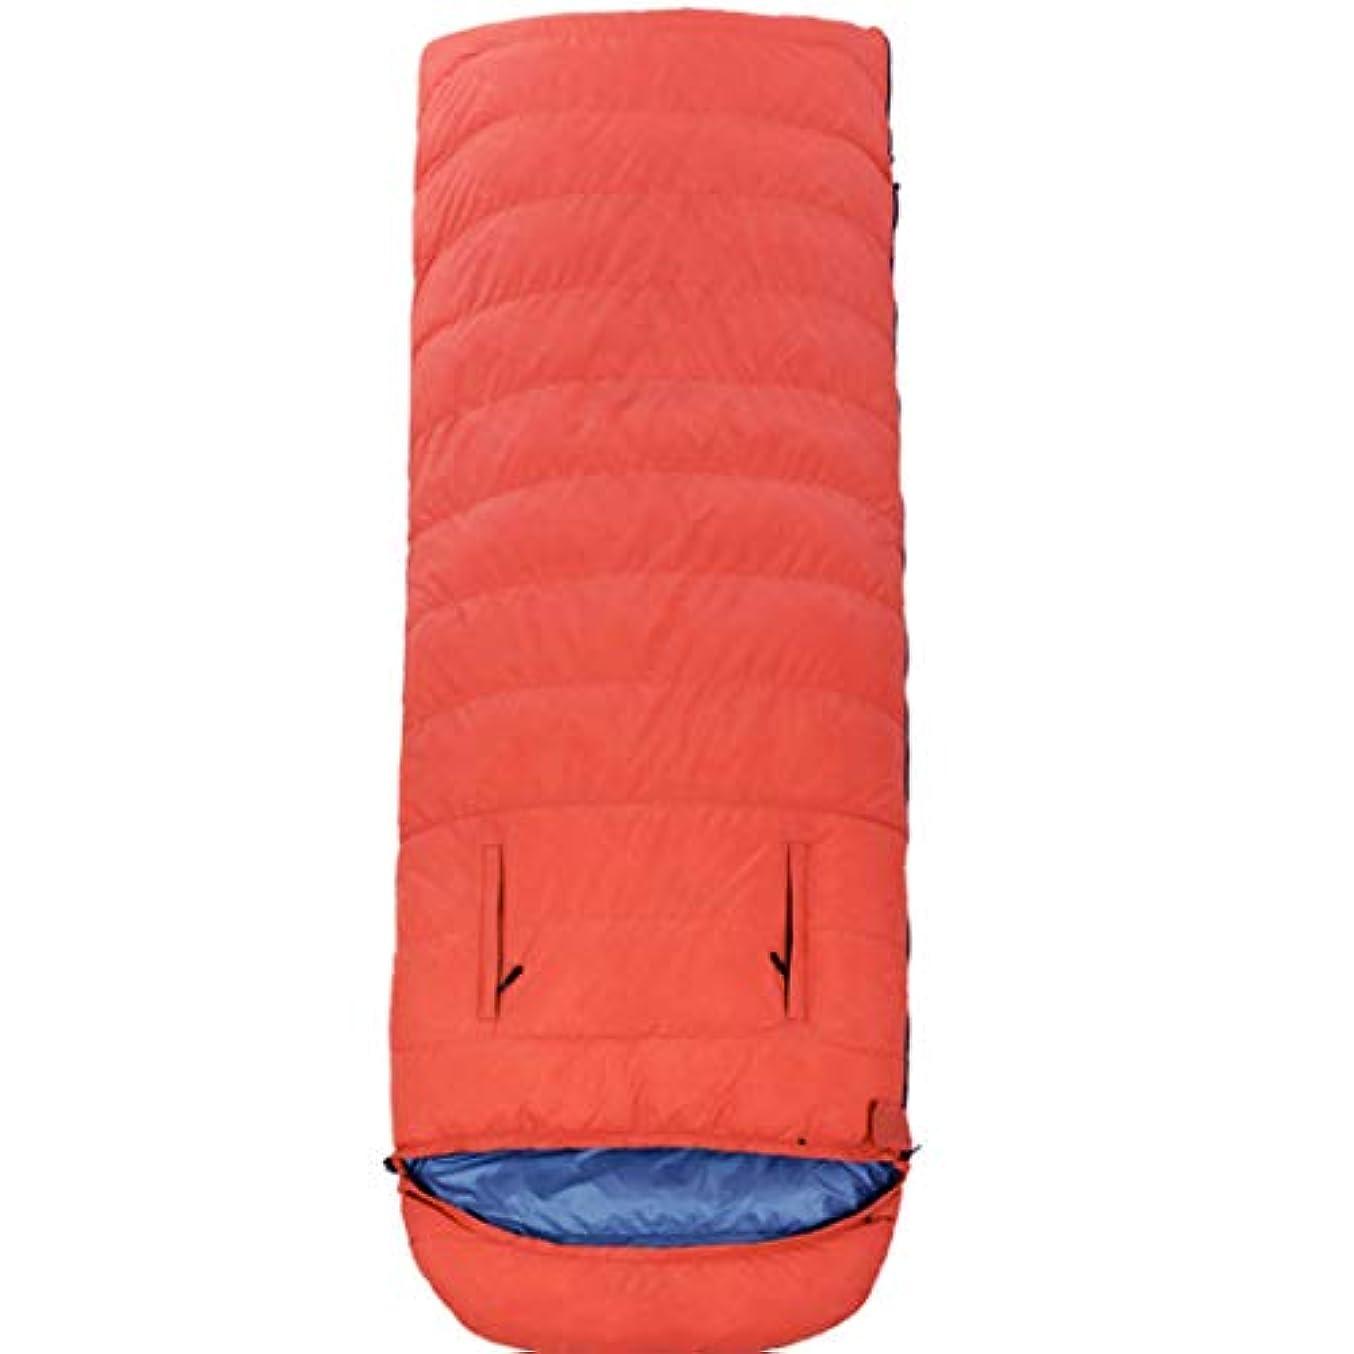 輪郭広々甥CUBCBIIS キャンプ用圧縮袋用超軽量寝袋 (Color : オレンジ, サイズ : 1500g)